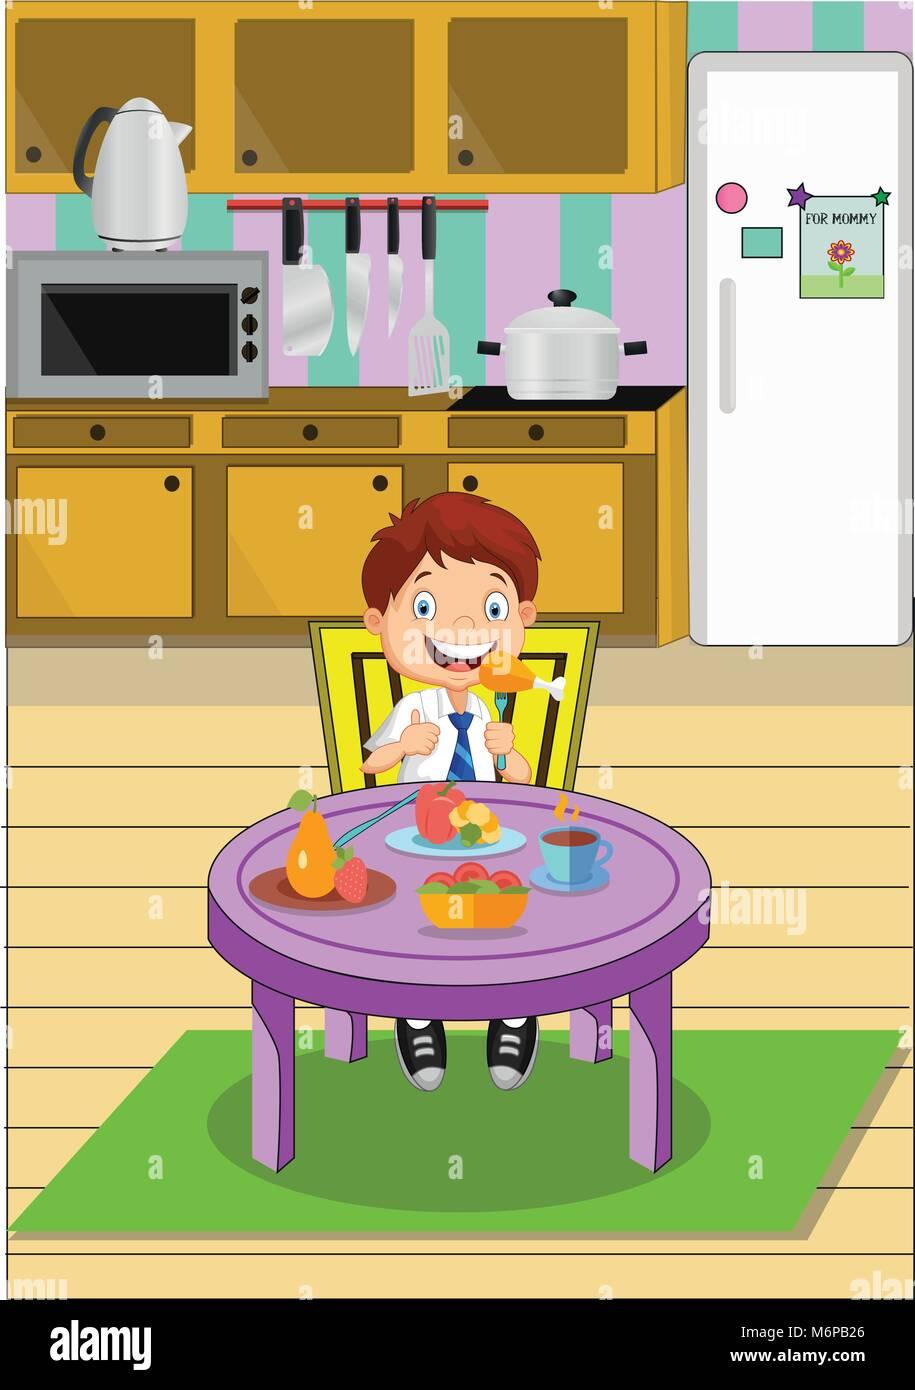 Cartoon Ragazzo Scuola Di Mangiare Il Pranzo Seduti Al Tavolo Da Cucina Illustrazione Vettoriale Immagine E Vettoriale Alamy